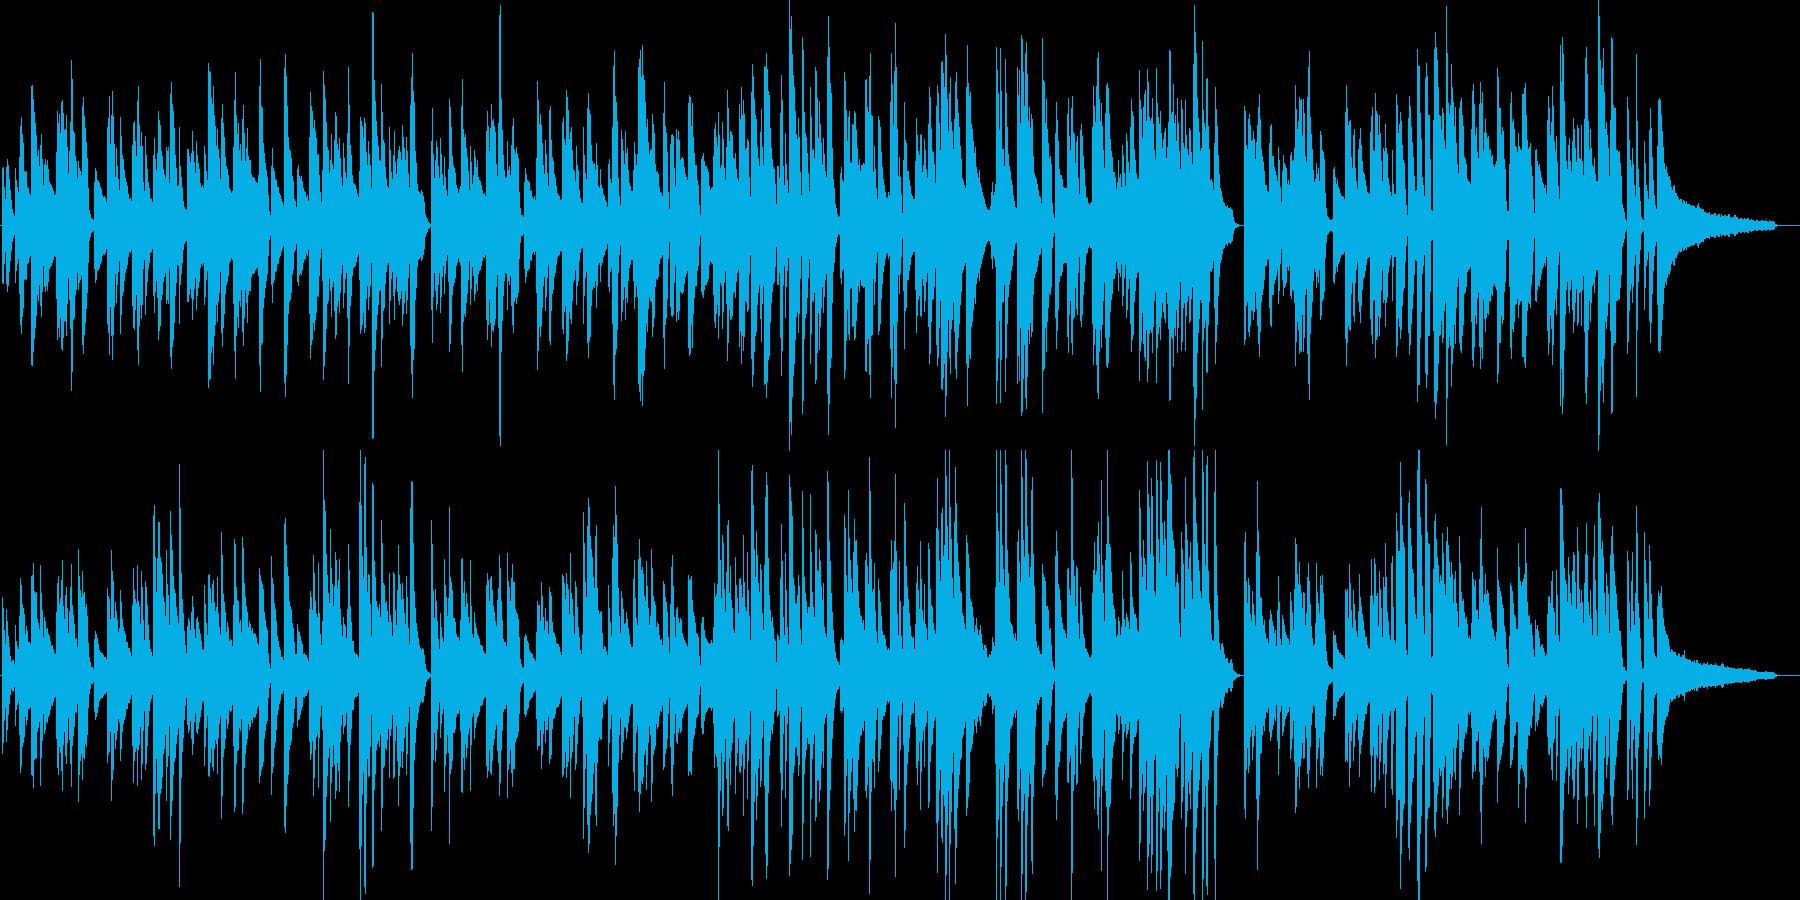 ピアノによる癒し系ジャズバラードの再生済みの波形